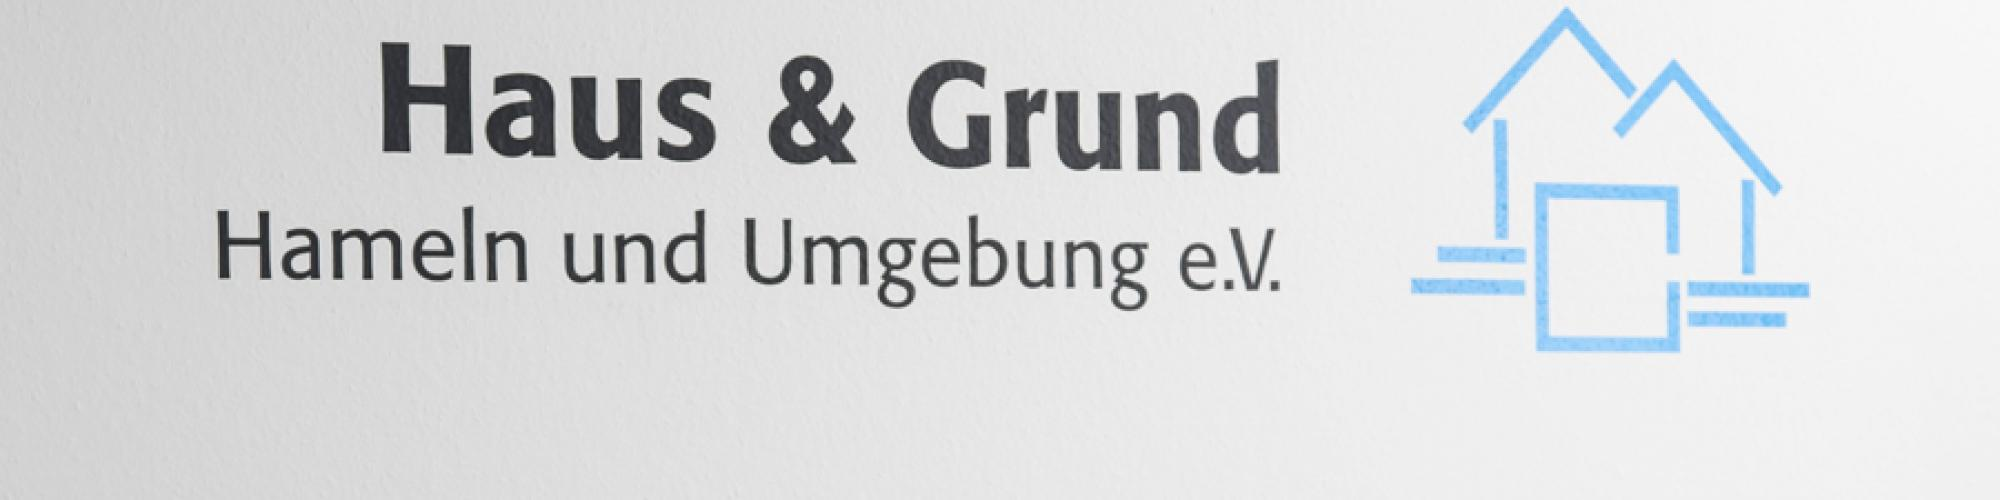 Haus & Grund Hameln und Umgebung e.V.